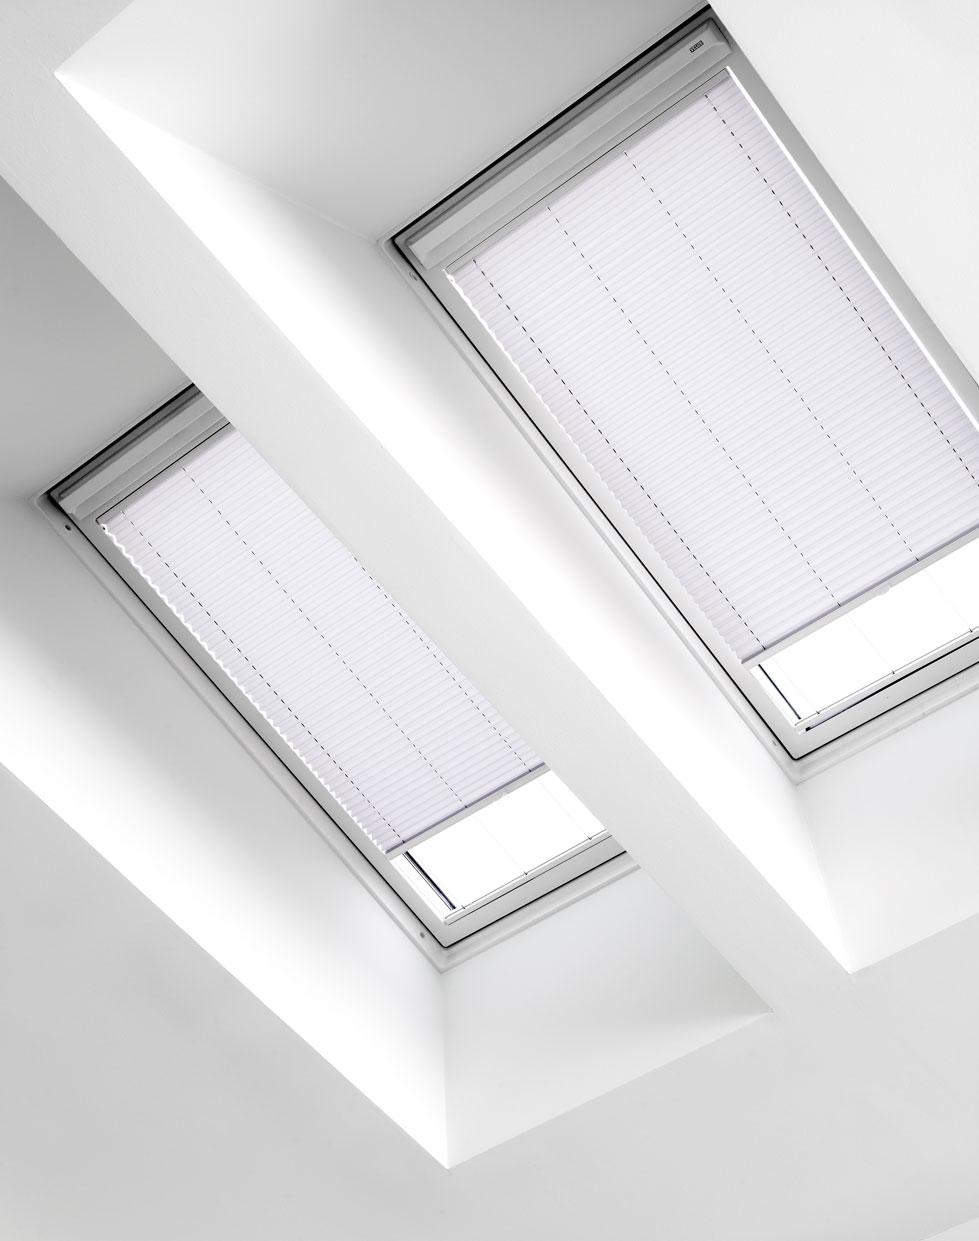 plisy na okna dachowe sterowane elektrycznie z silnikiem zasilanym bateriam